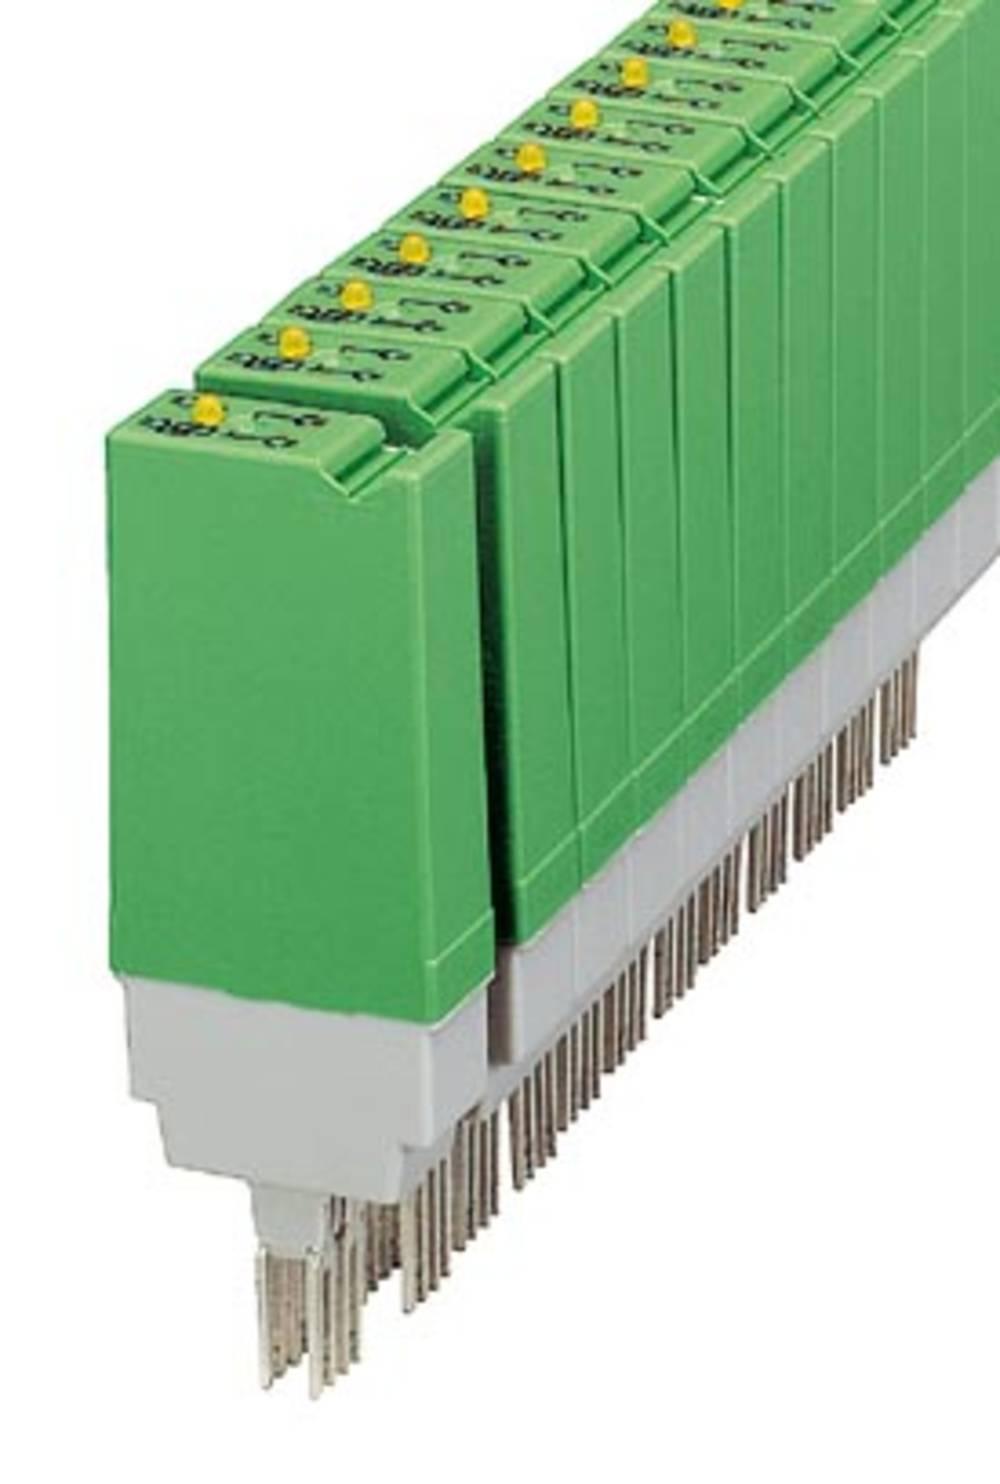 Stikrelæ 48 V/DC, 48 V/AC 6 A 1 x sluttekontakt Phoenix Contact ST-REL2-KG 48/1 10 stk